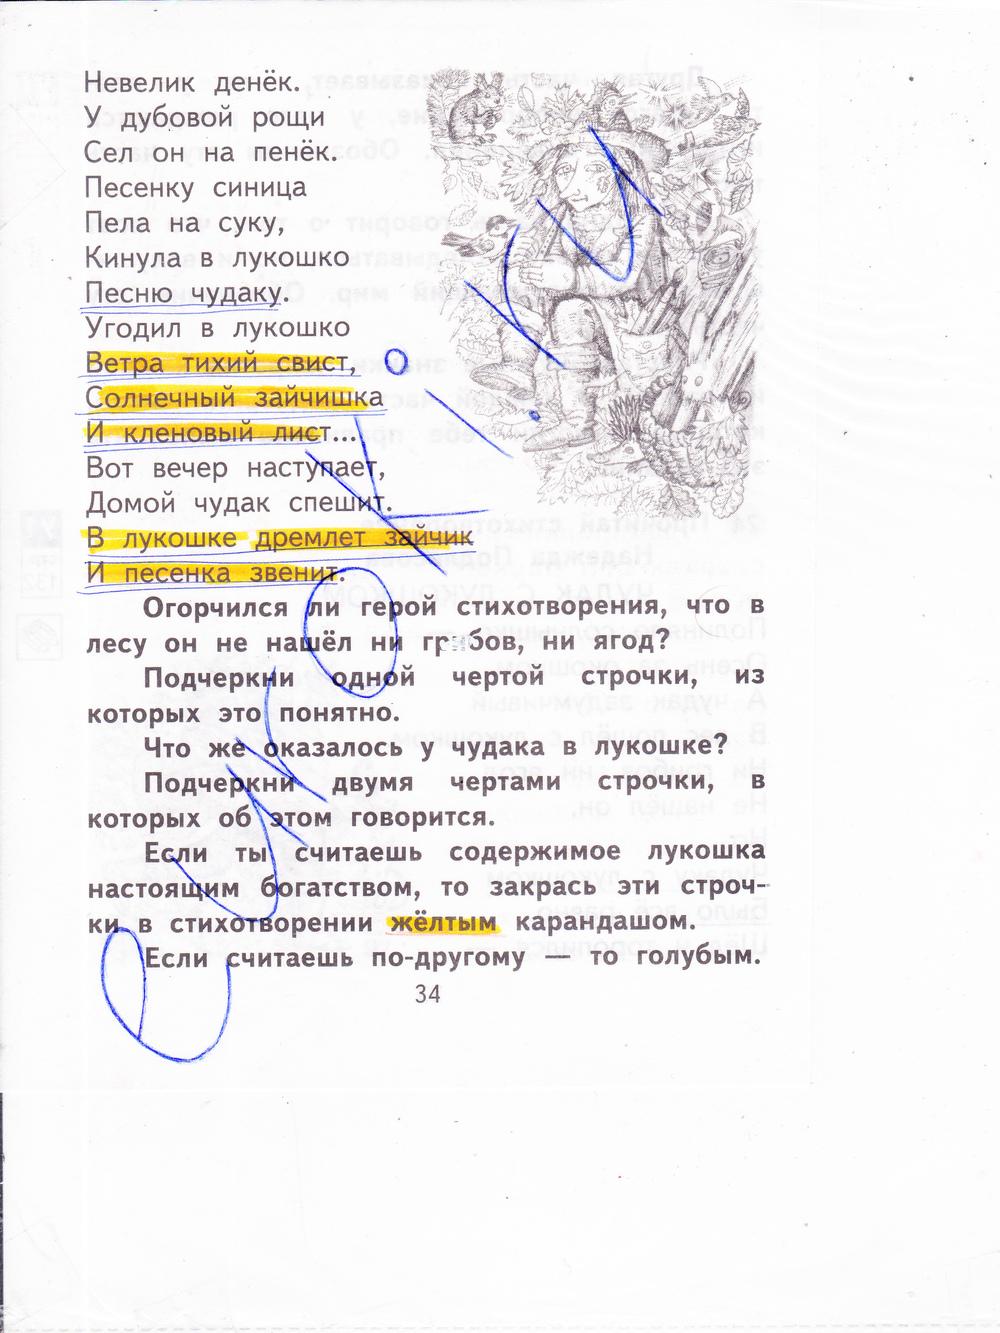 ГДЗ по литературному чтению 2 класс рабочая тетрадь Малаховская Часть 1, 2. Задание: стр. 34